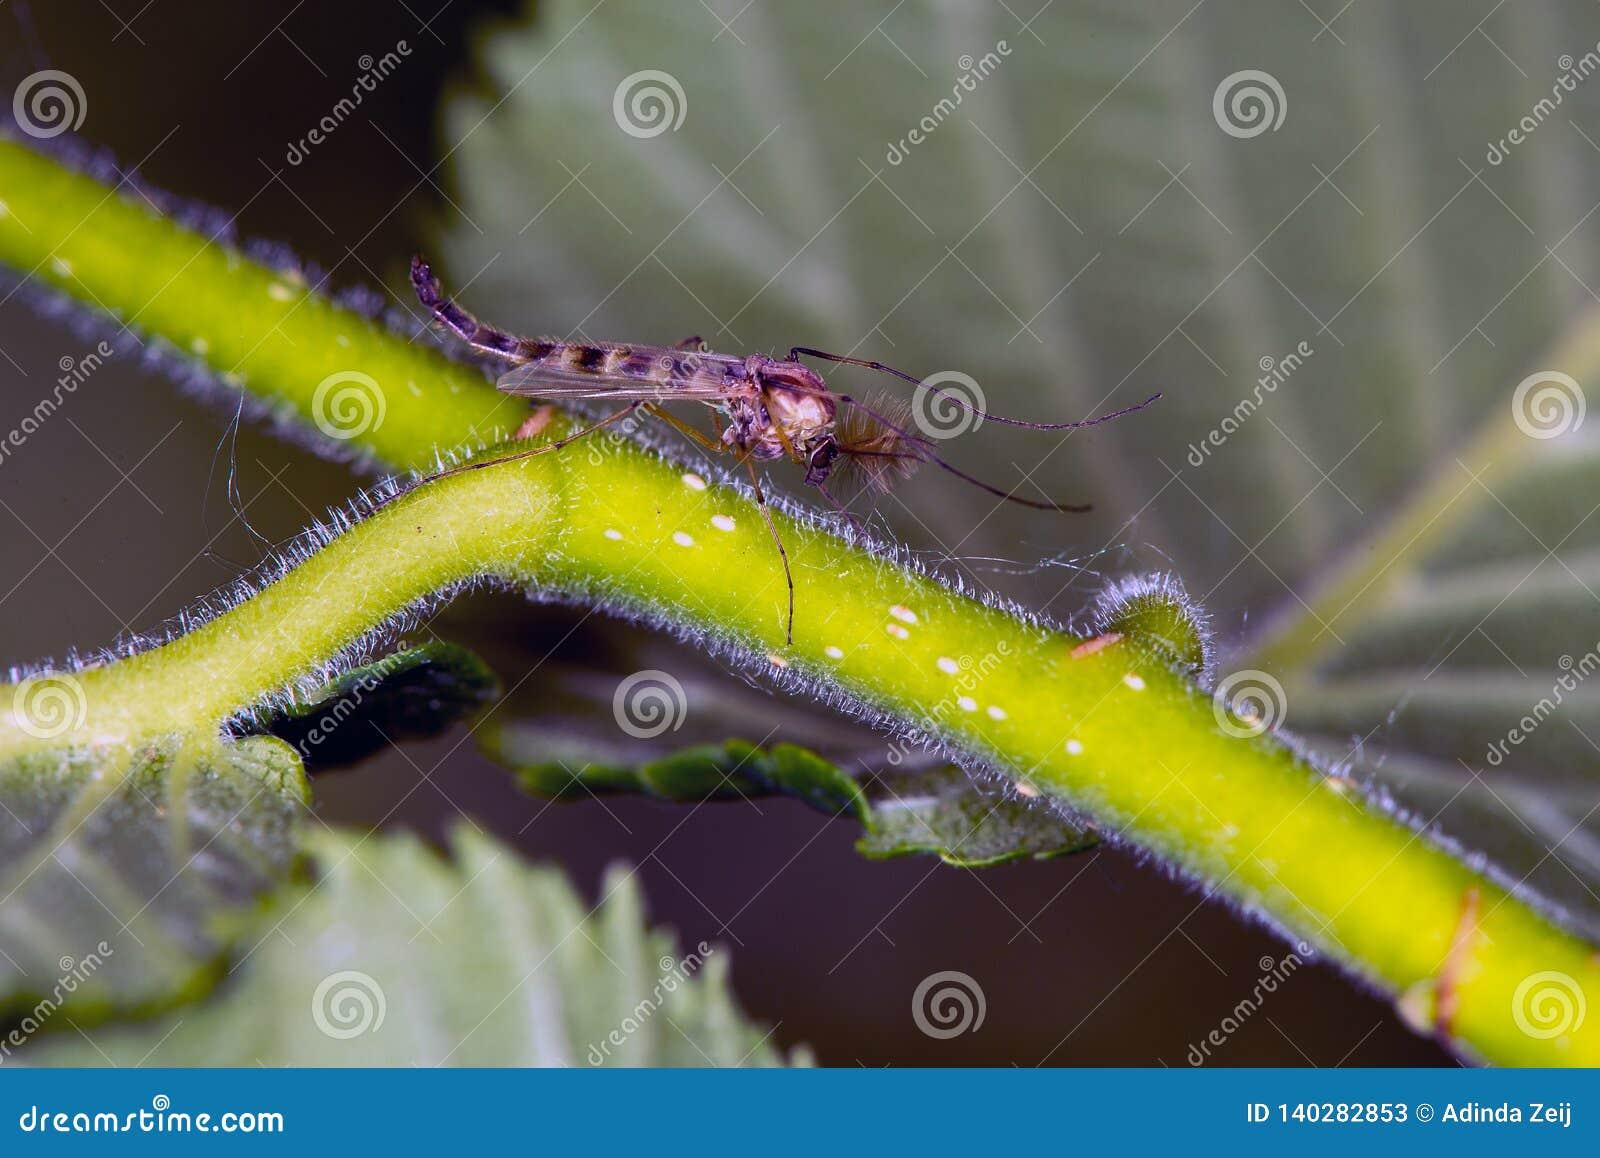 Makrobild av myggor som sitter på en växt